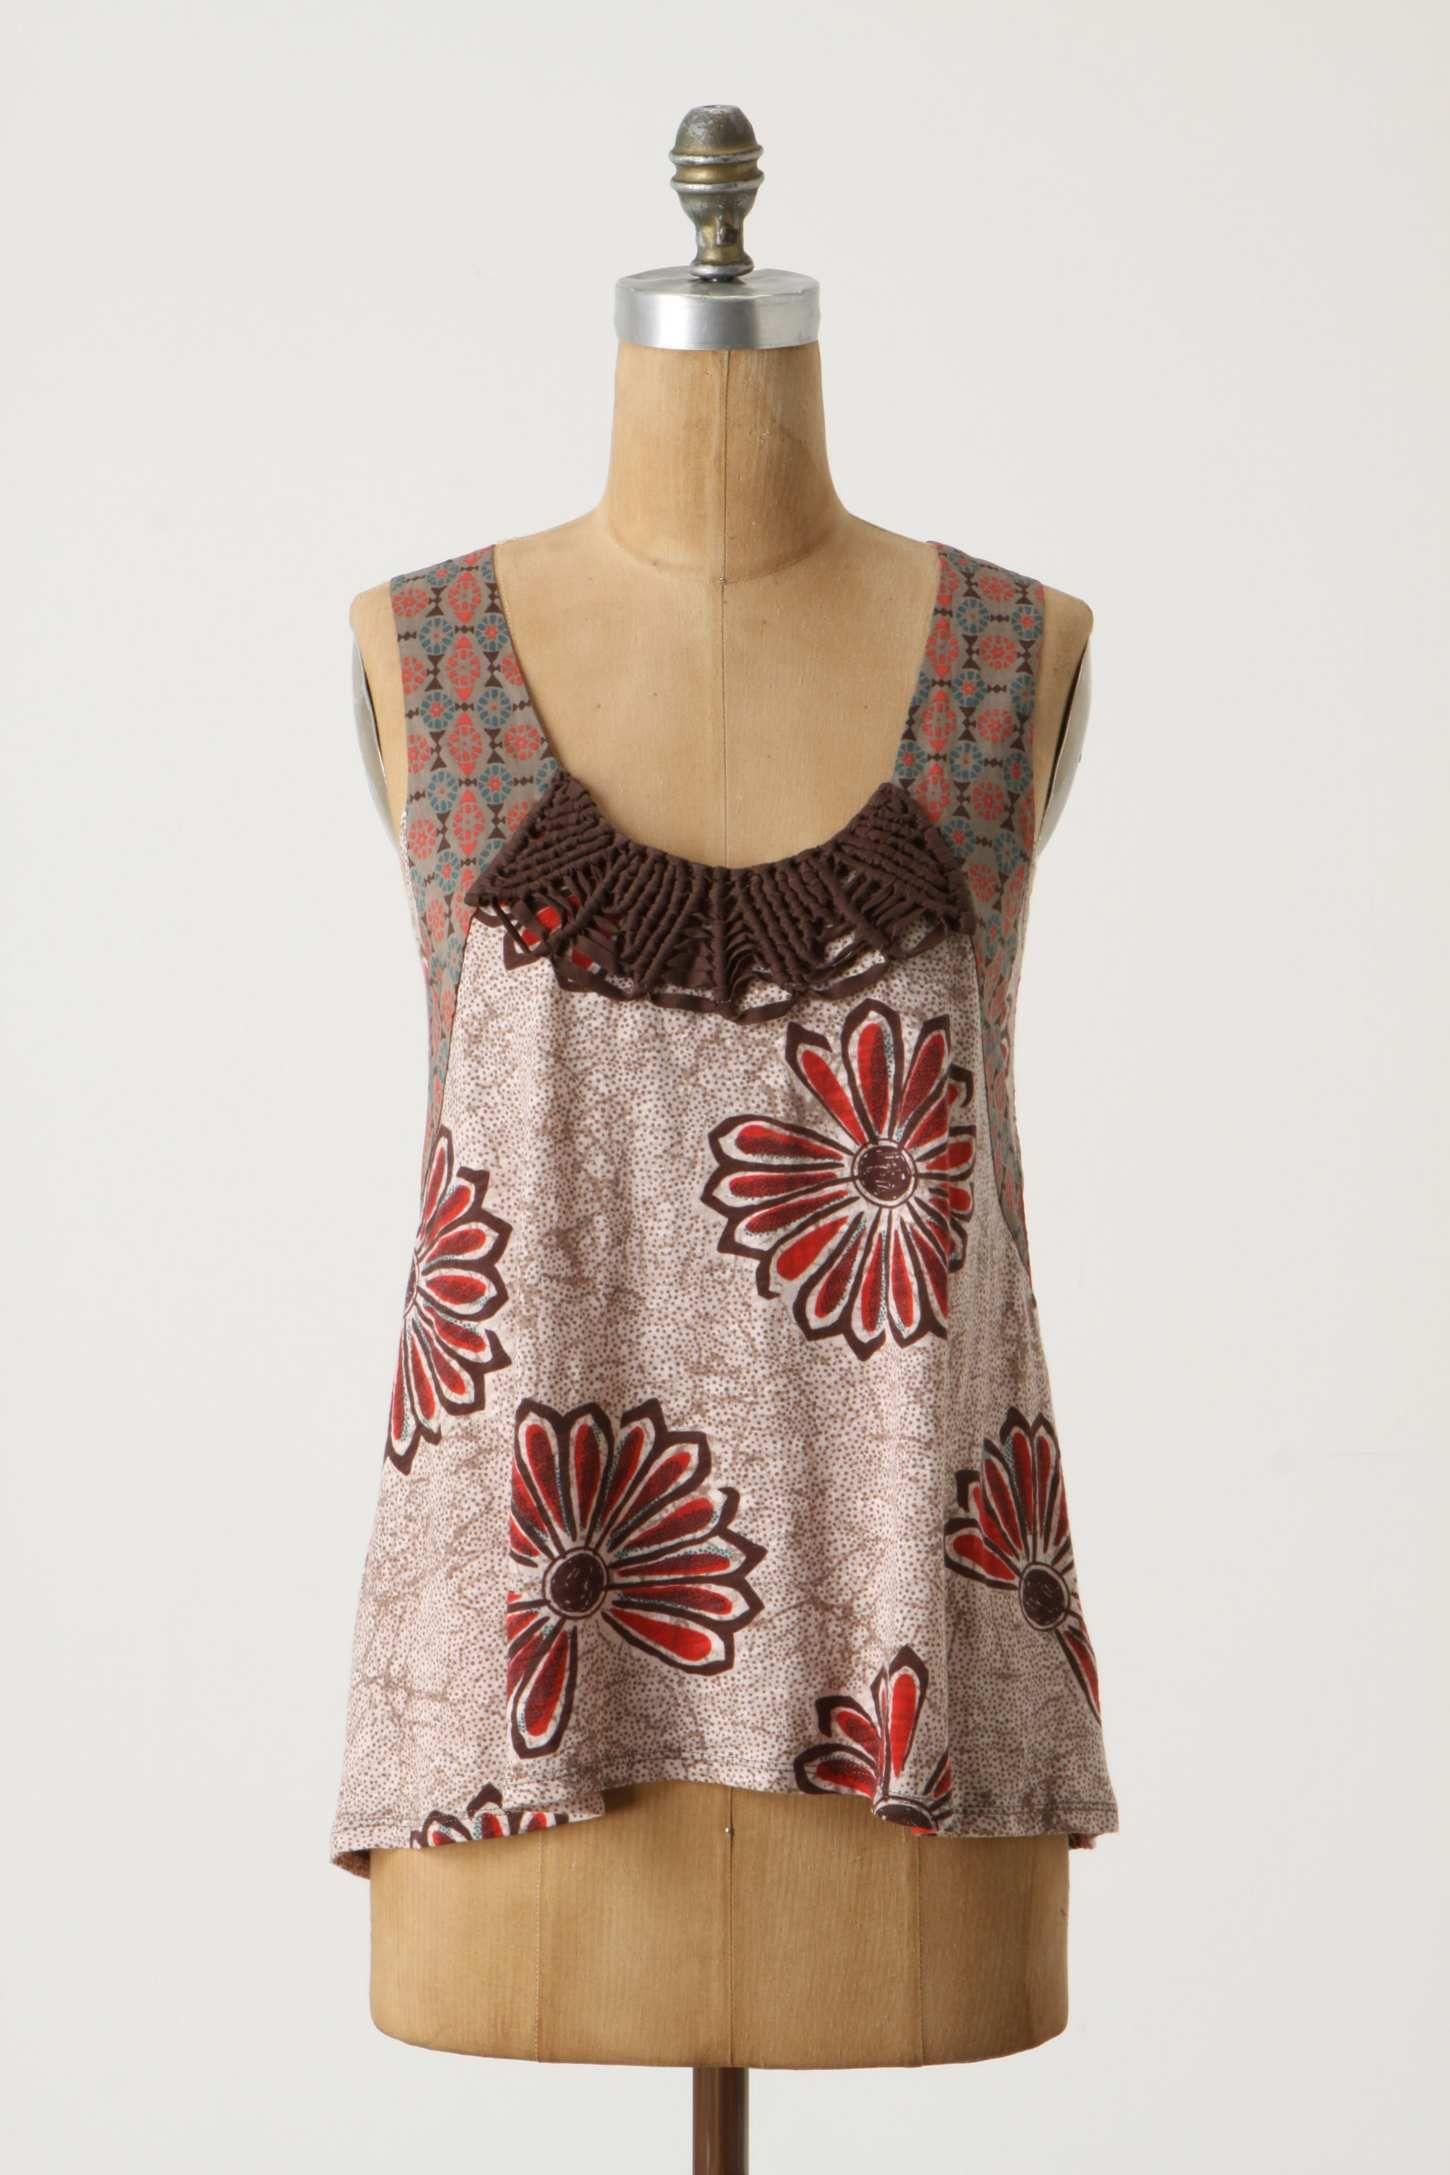 Ibos Tank Anthropologie Clothes, Tank top fashion, Fashion